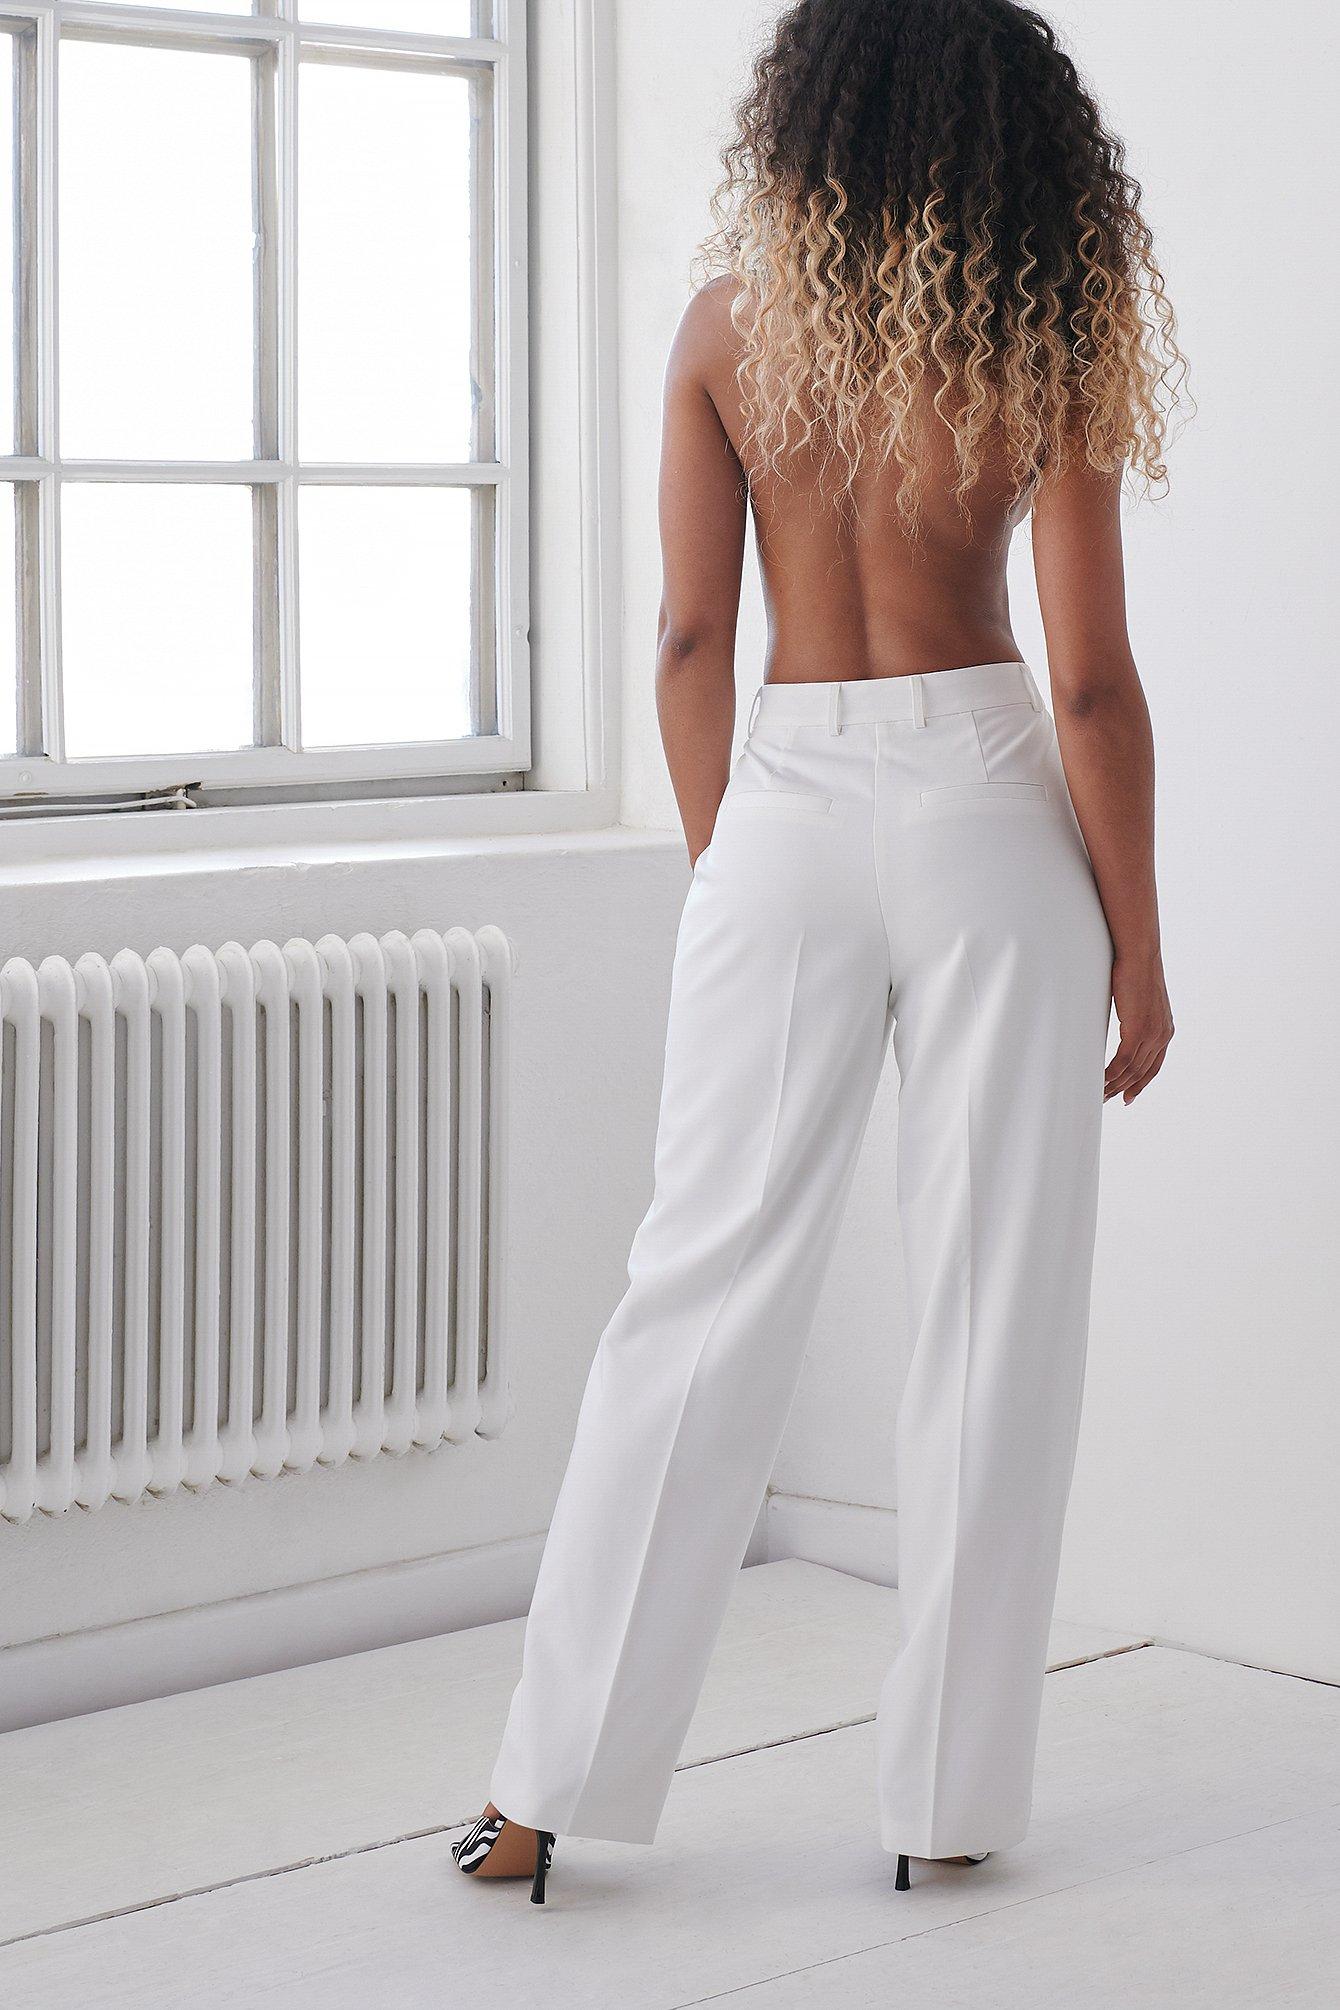 angelica blick x na-kd -  Anzughose Mit Faltendetail - White